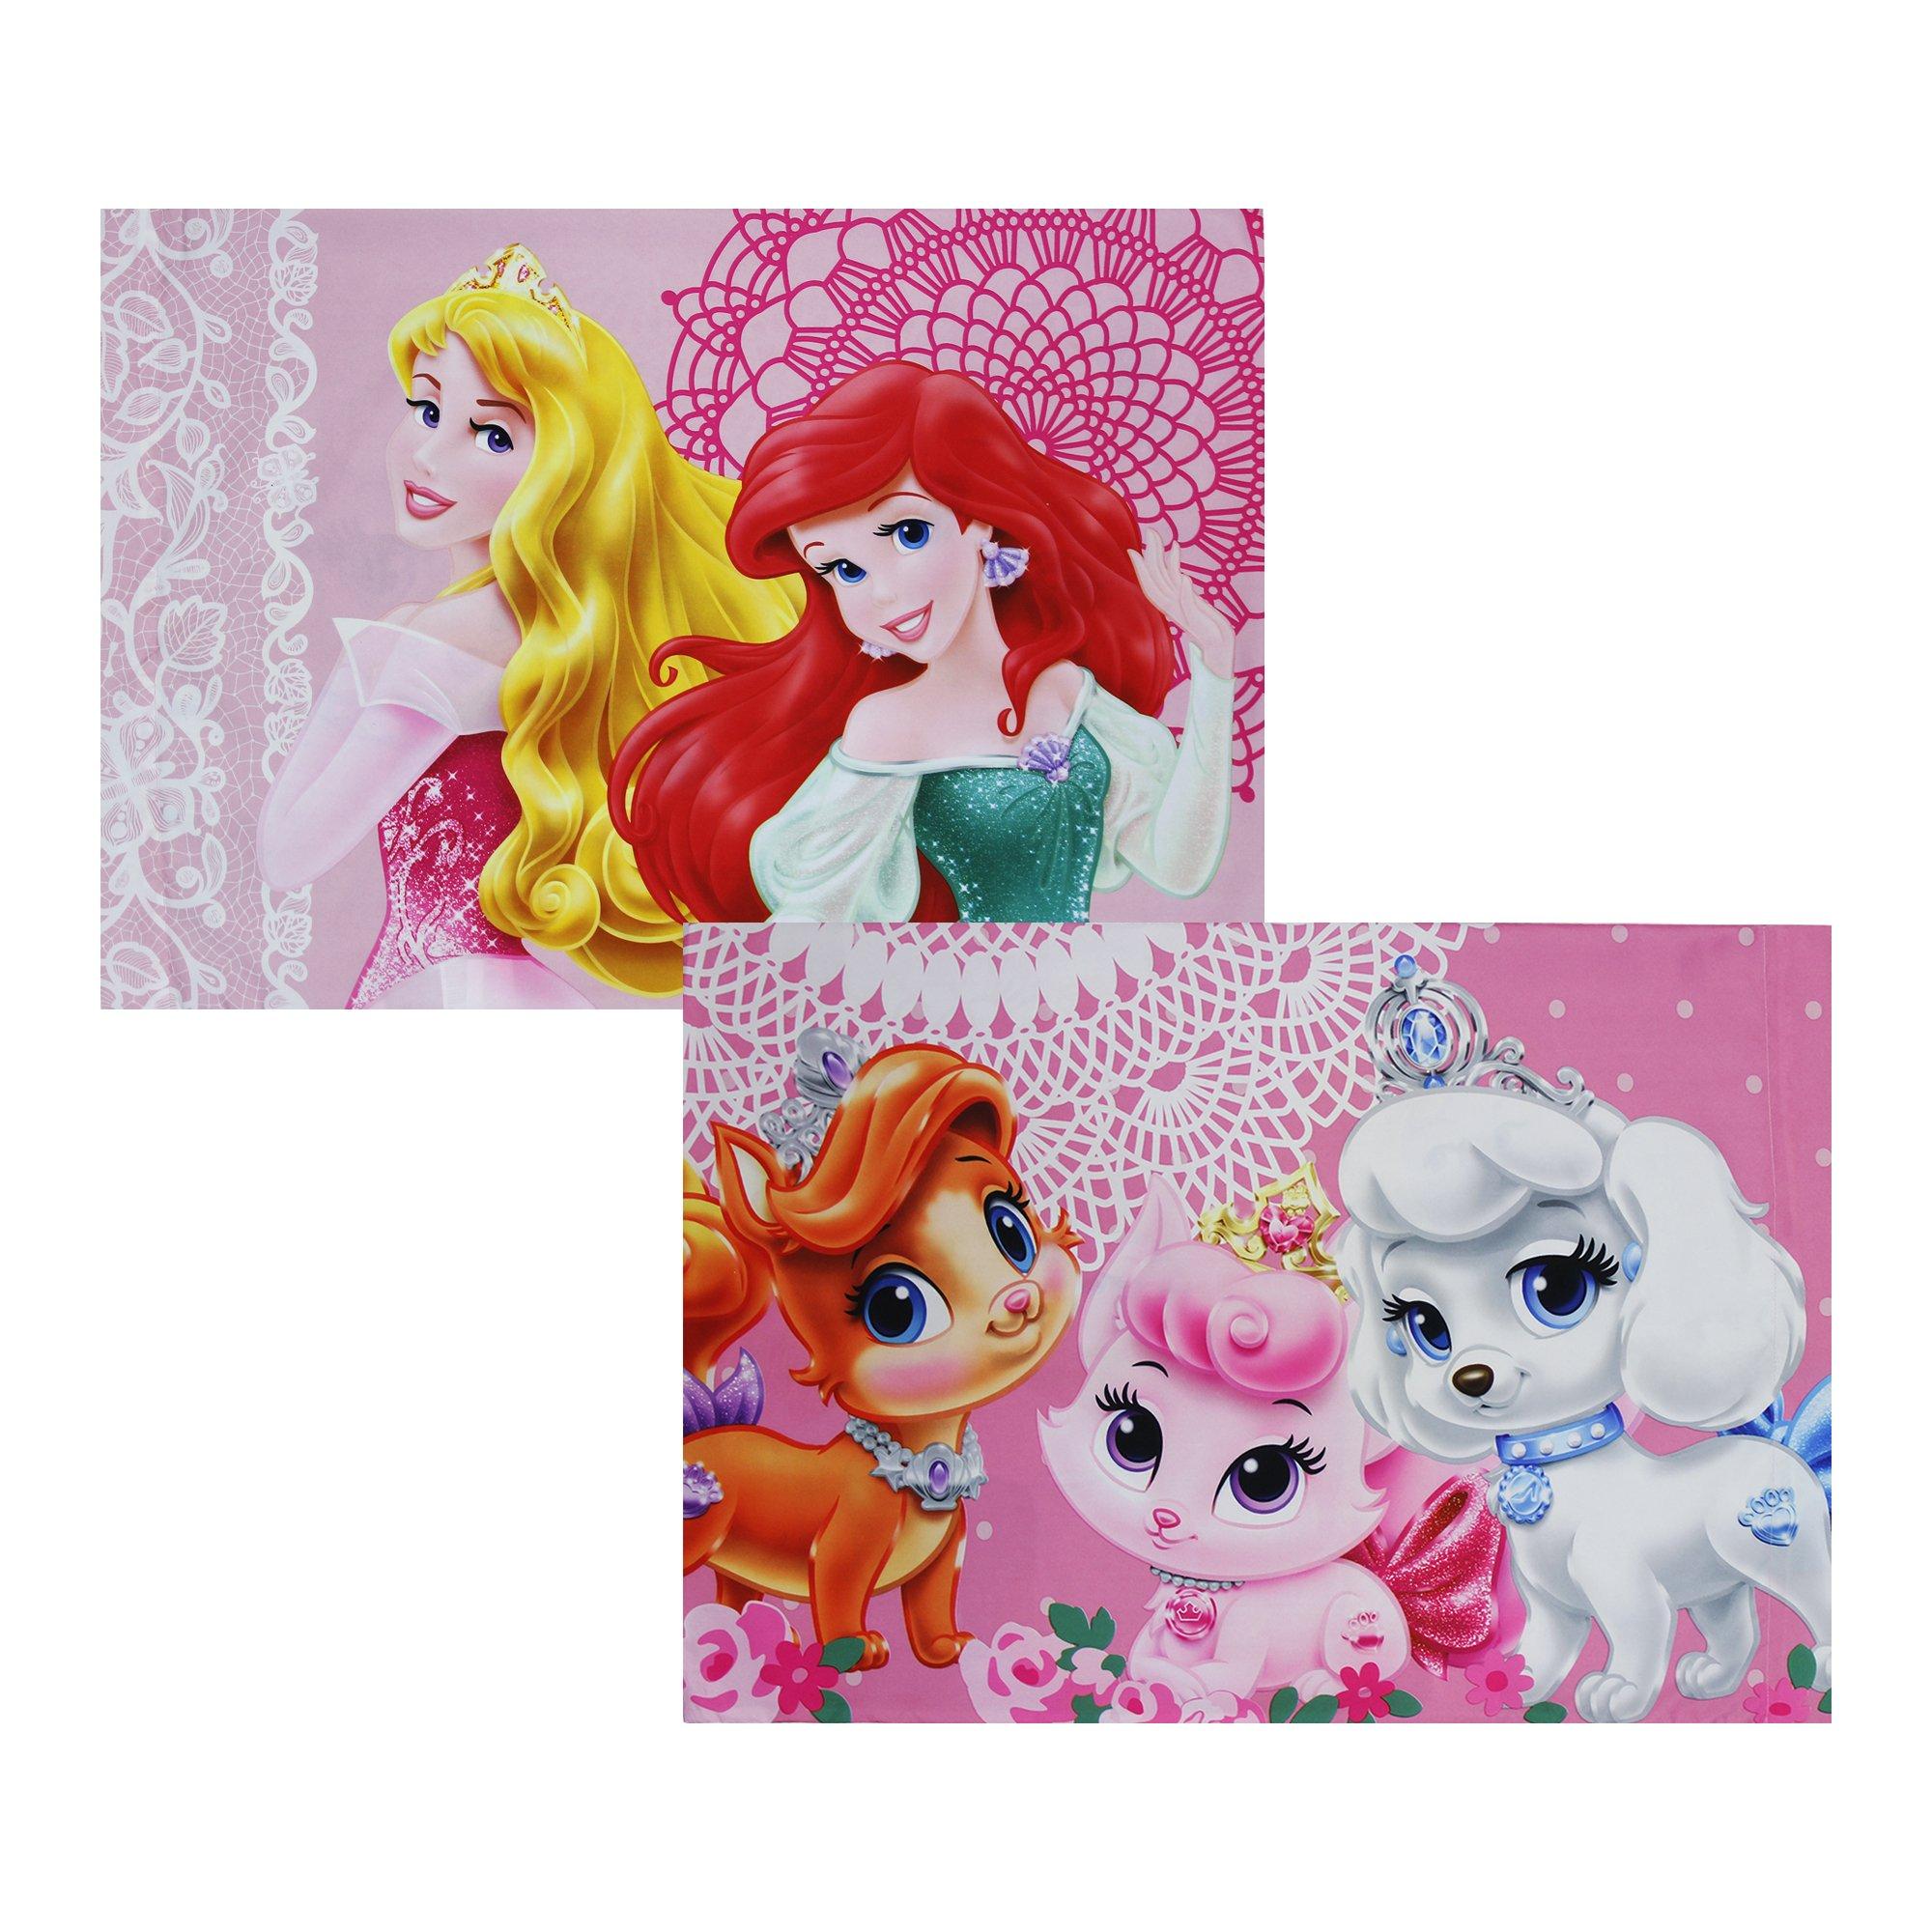 2pc Disney Palace Pets Pillowcase Set Princesses Fabulous Friends Bedding Accessories